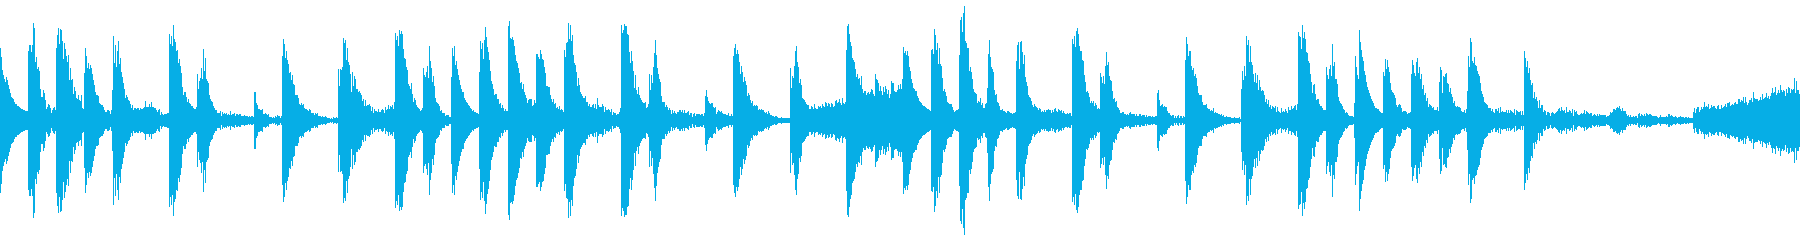 【ループD】浮遊感あるシンセが続くテクノの再生済みの波形